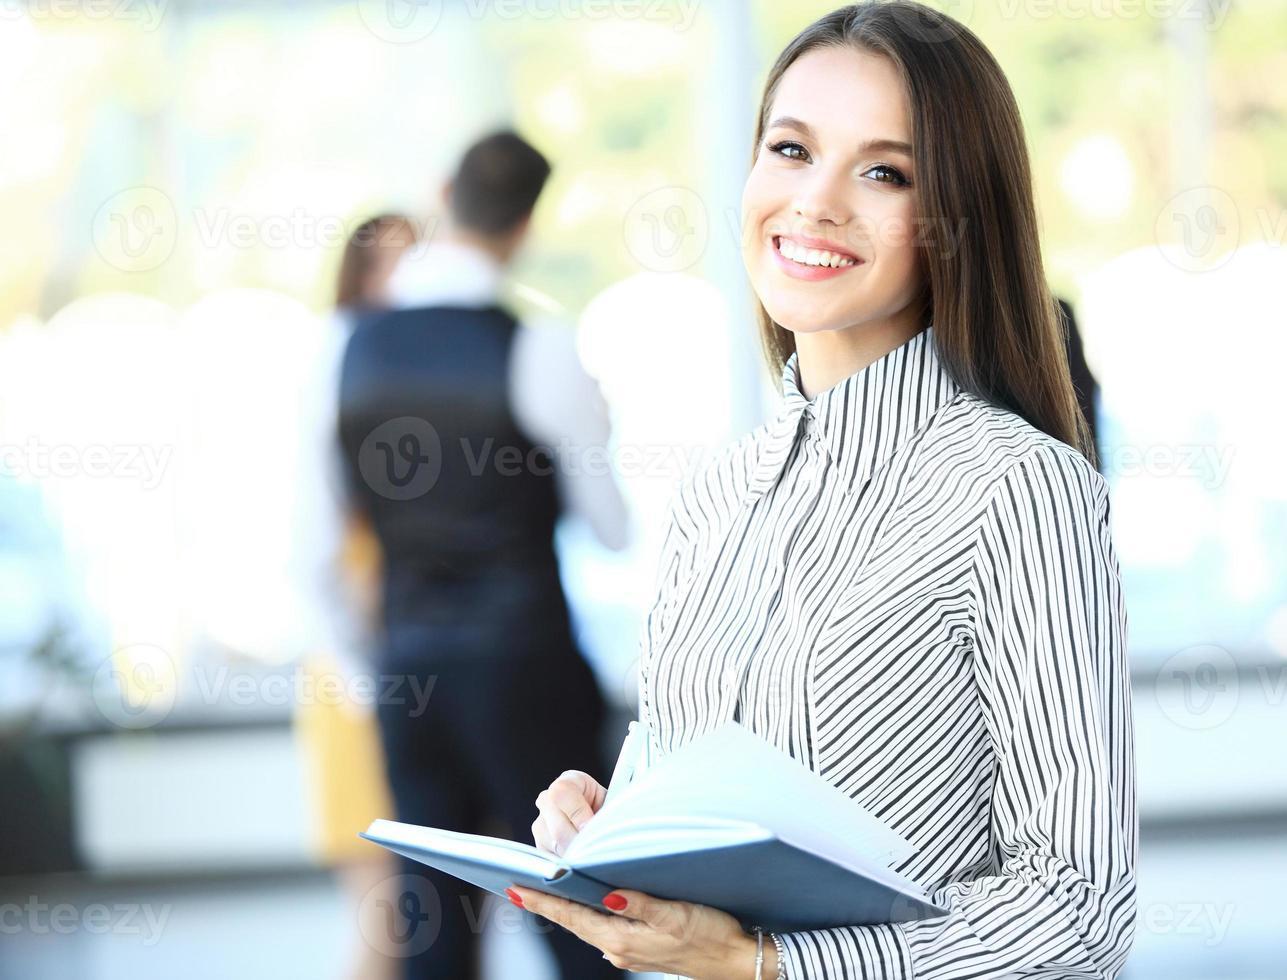 rosto de mulher bonita no fundo de pessoas de negócios foto